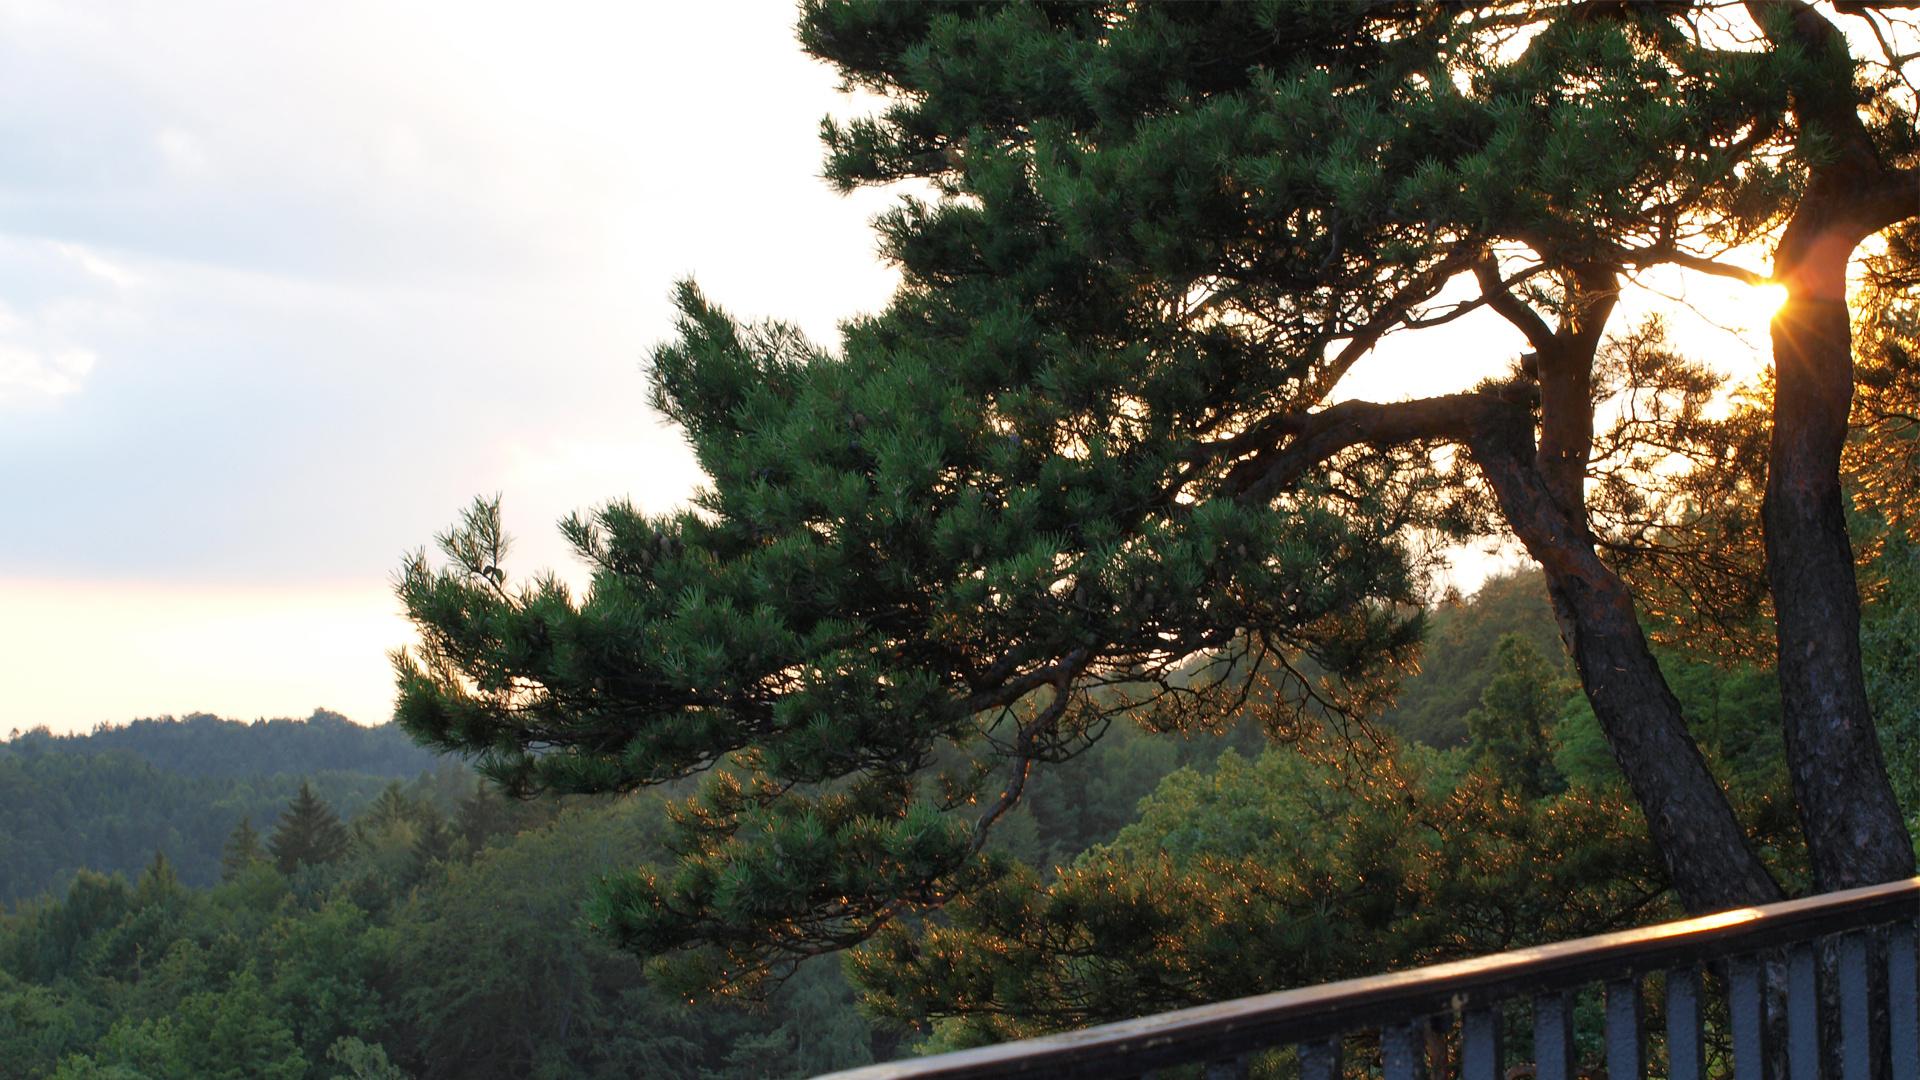 Baum & Sonne